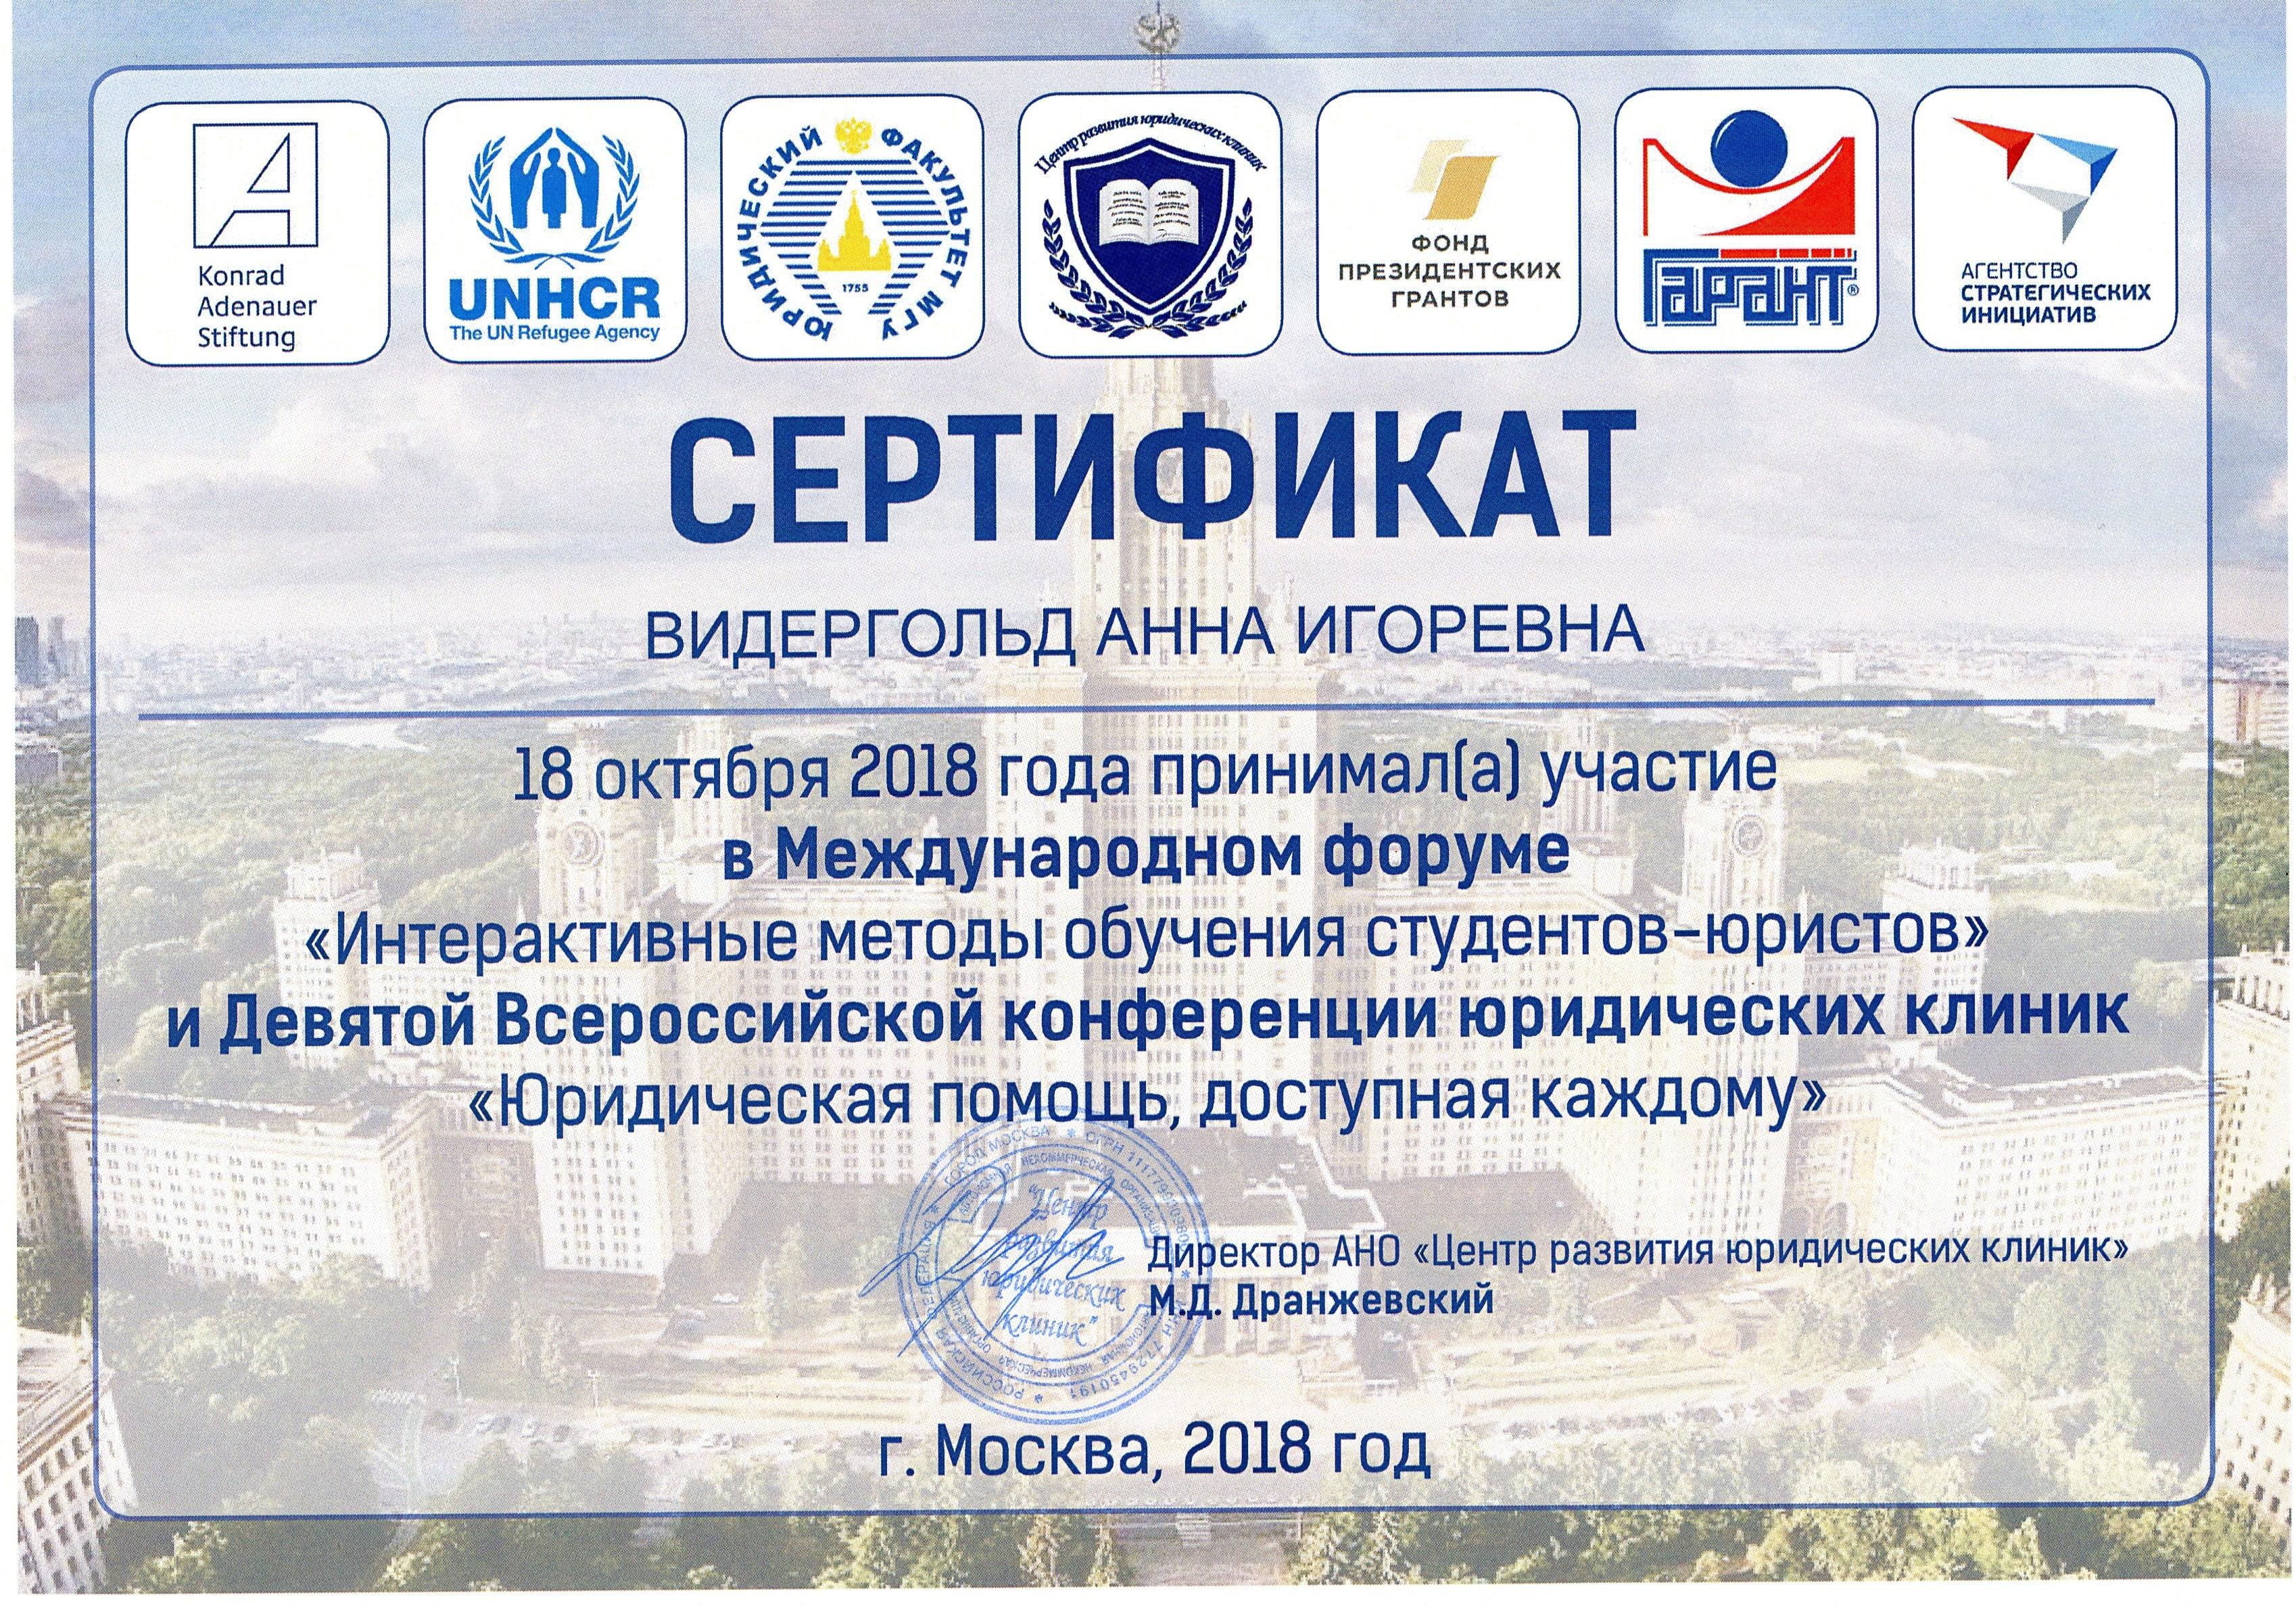 Девятая Всероссийская конференция юридических клиник «Юридическая помощь, доступная каждому»